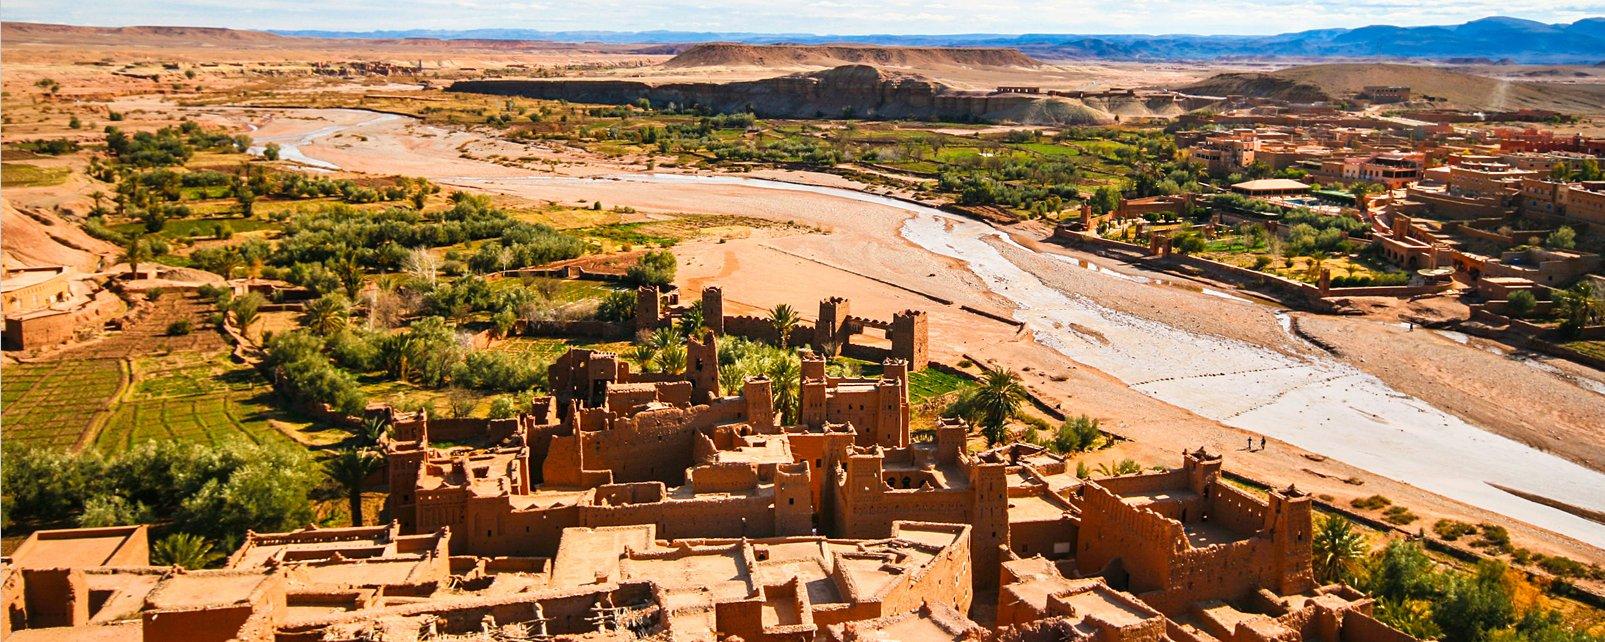 Vue de l'Oued, La vallée du Drâa, Les paysages, Ouarzazate, Maroc-le Centre